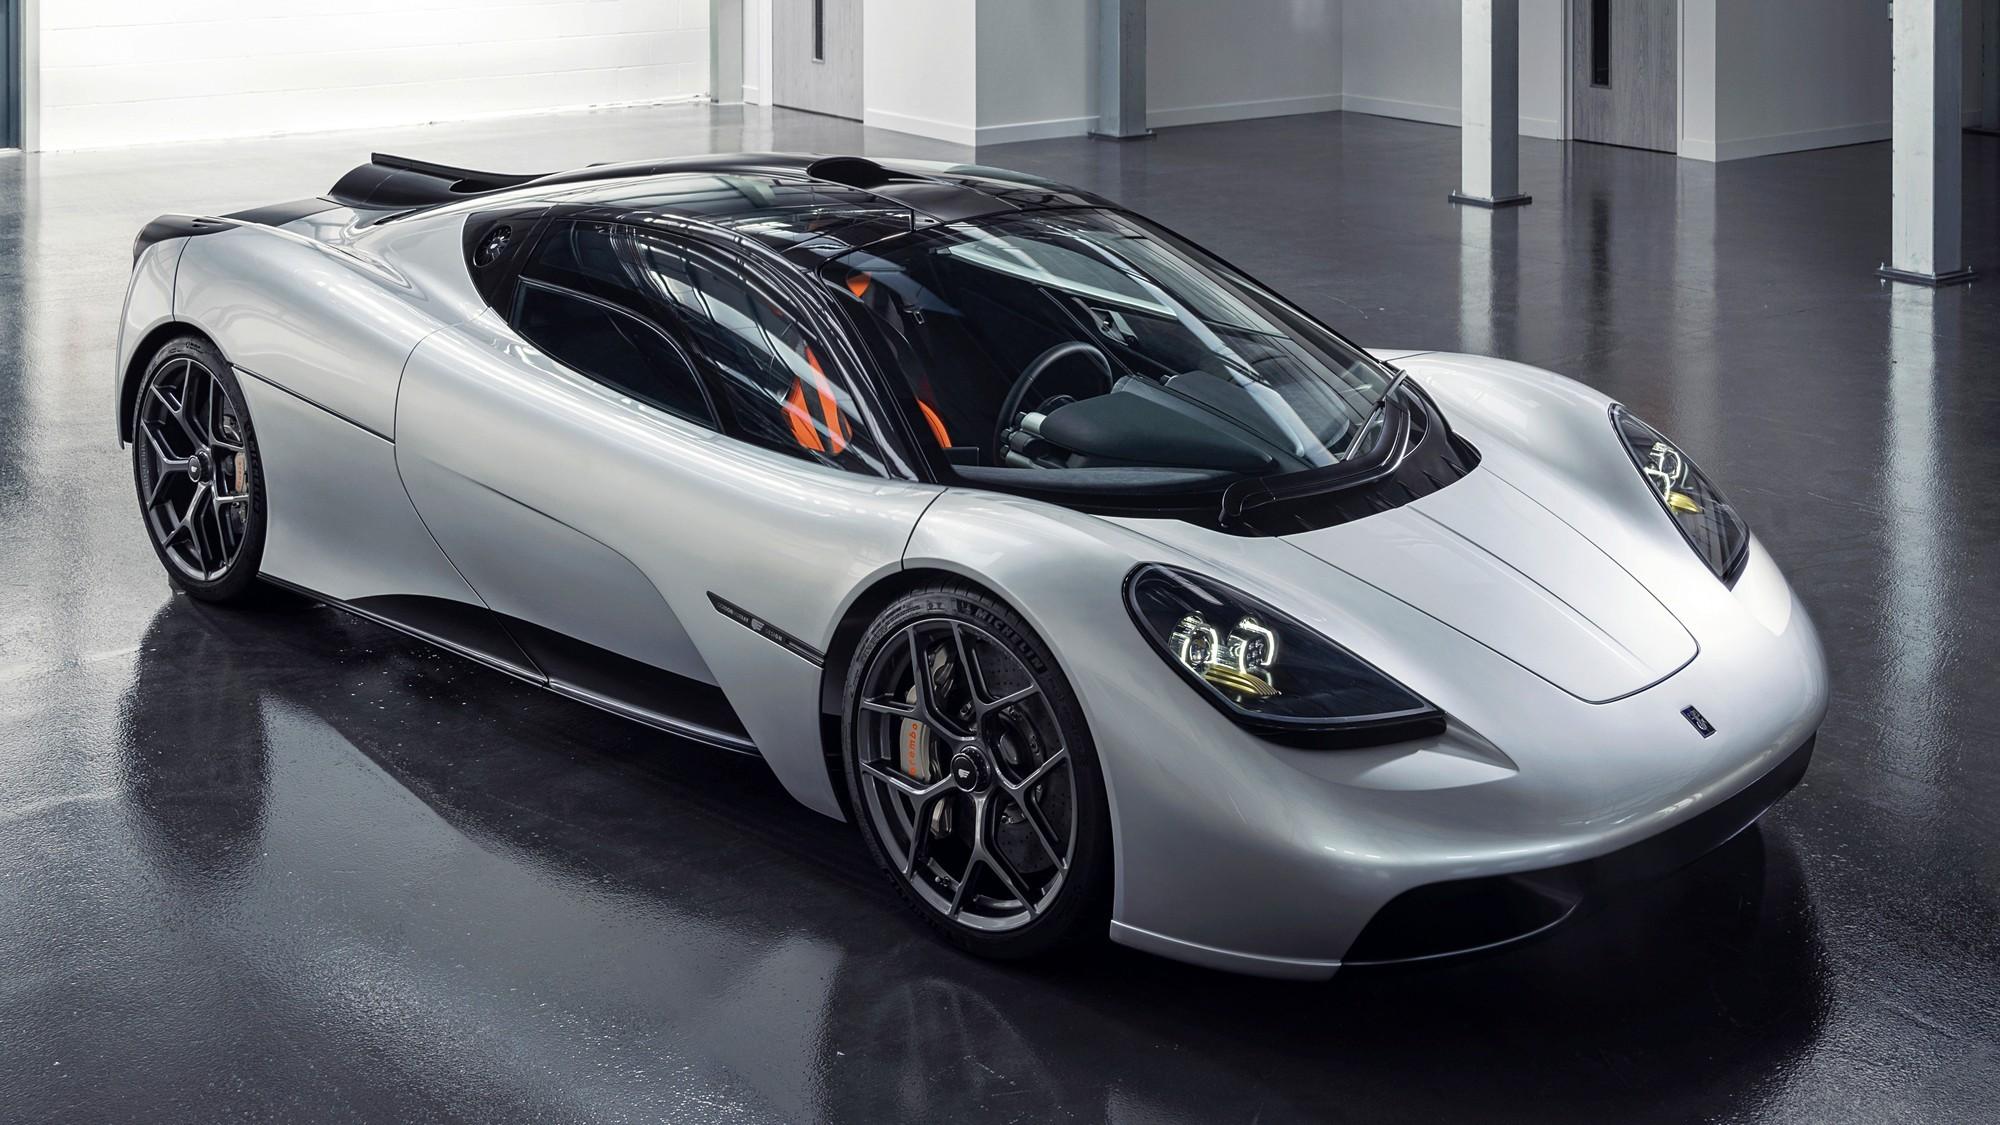 Планы Gordon Murray: ещё один суперкар с V12 и маленький электрический кроссовер